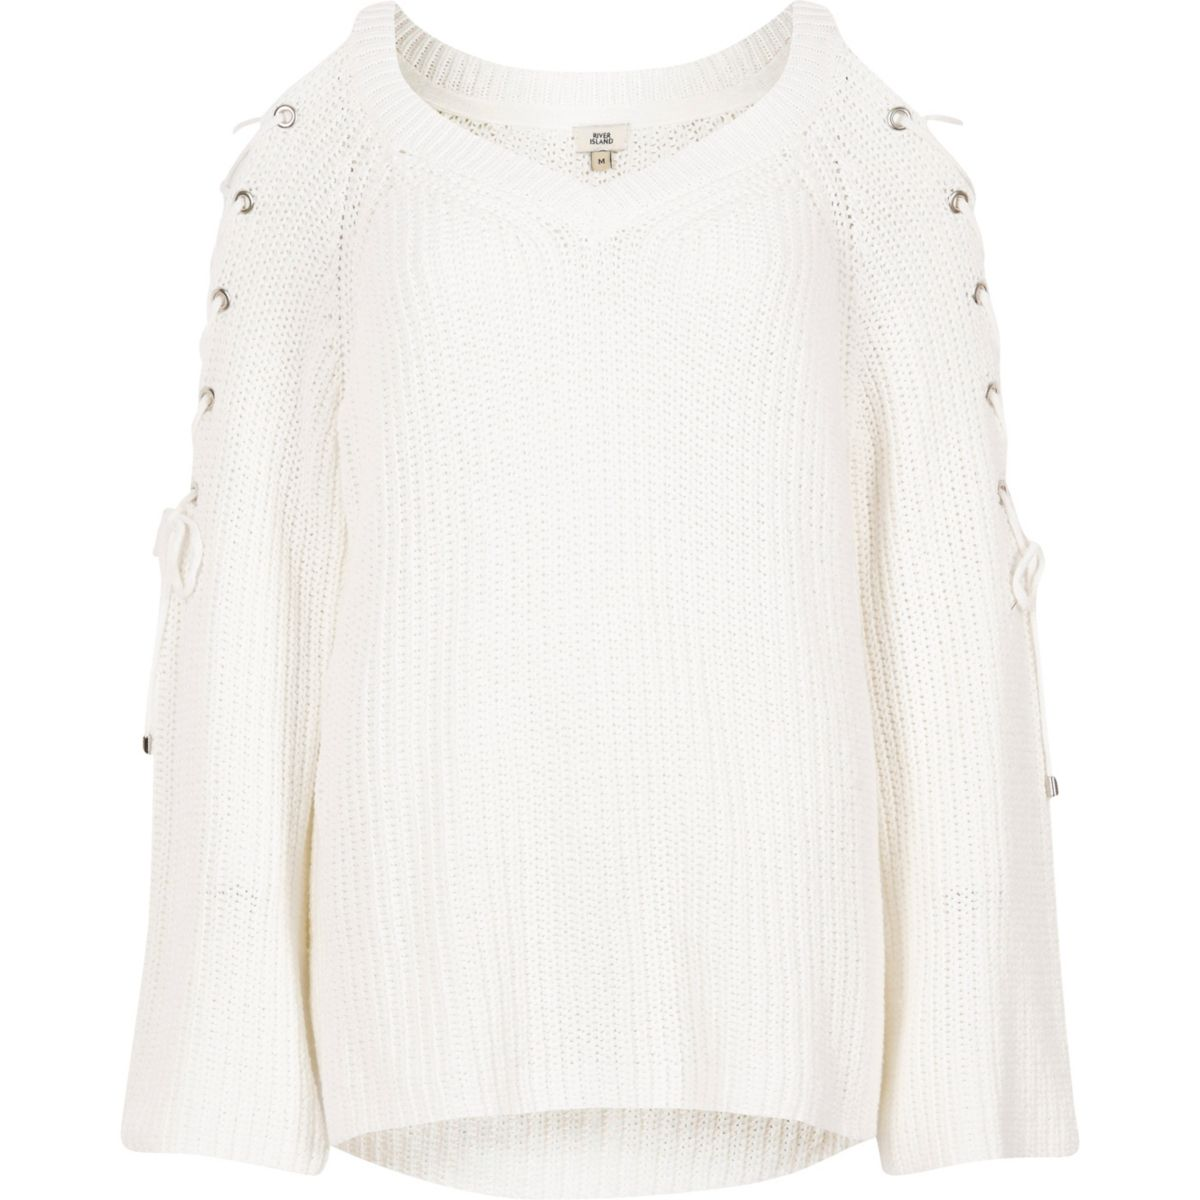 White tie shoulder flared sleeve knit jumper